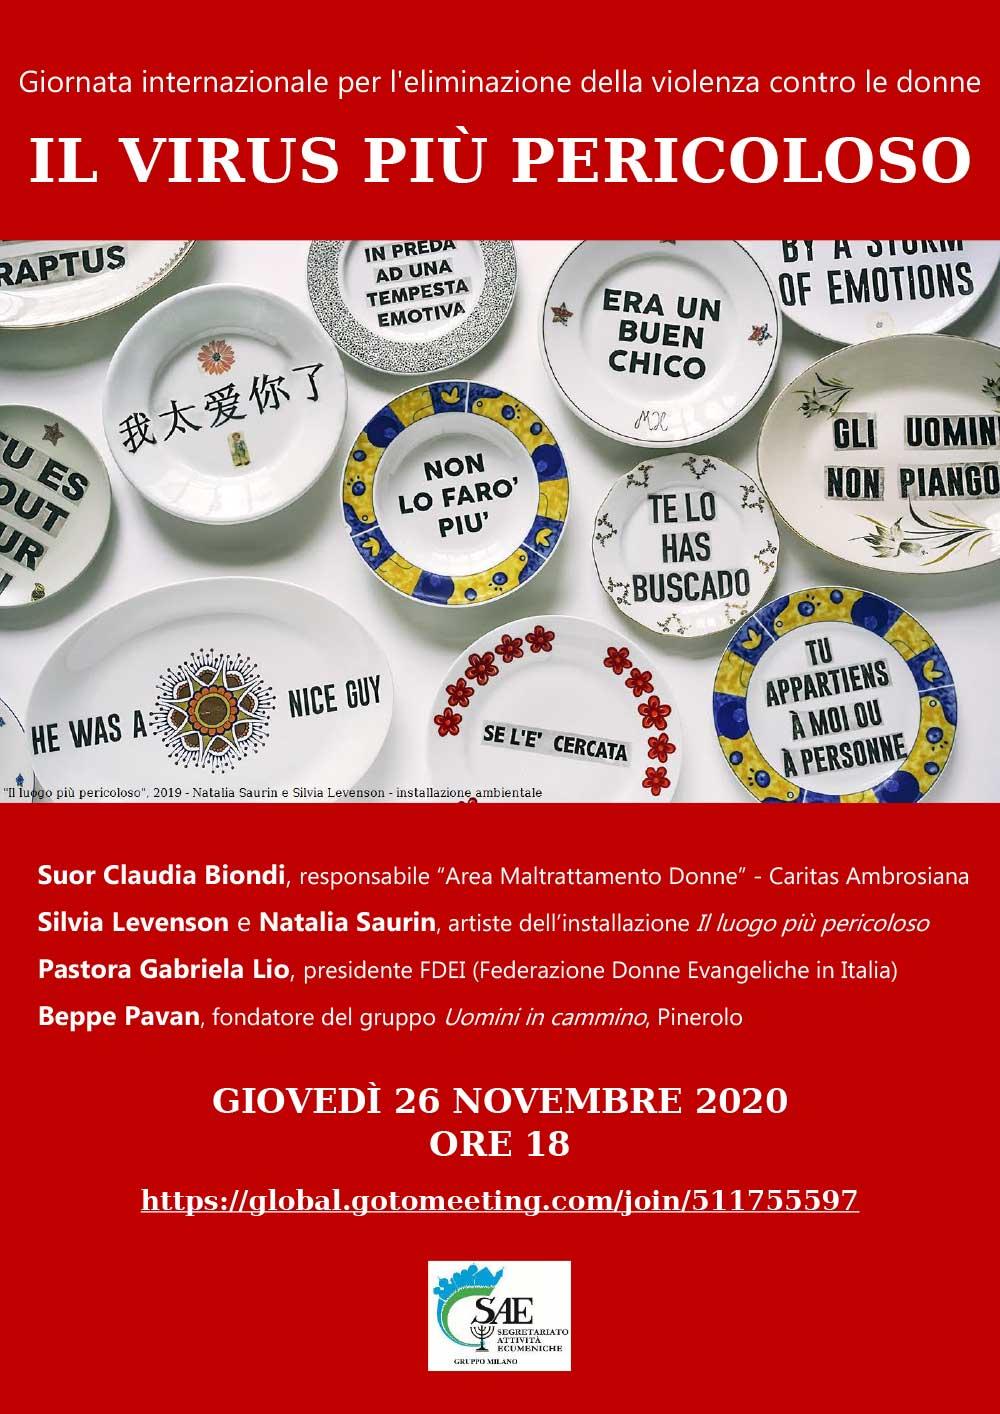 26.11.2020, ONLINE: Il virus più pericoloso